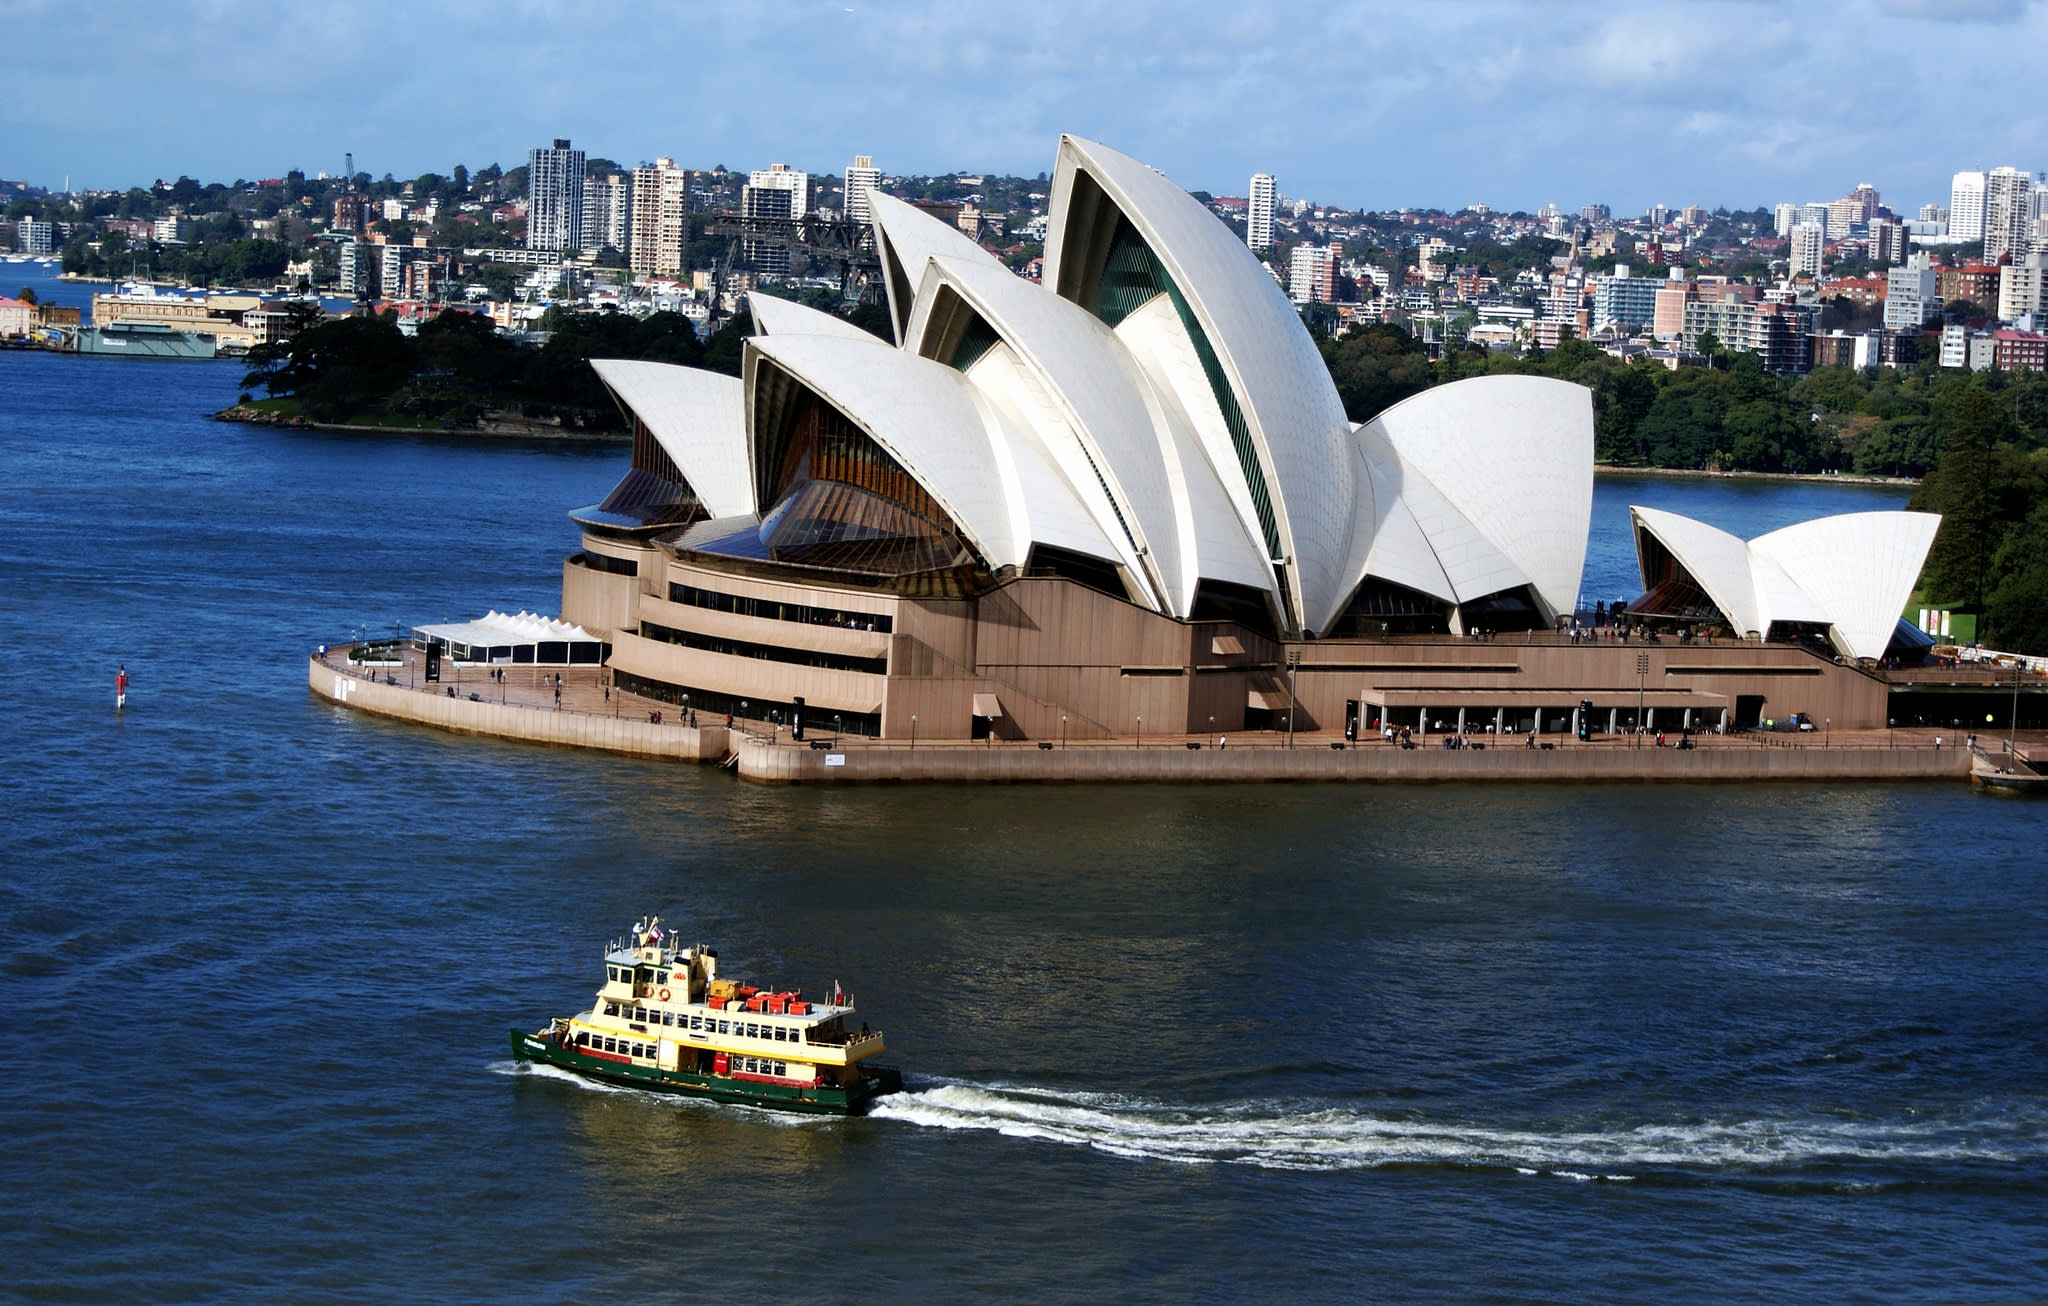 歌劇院獨特的揚帆造型,與周圍景色相映成趣。(Flickr授權作者-Bernard Spragg. NZ)